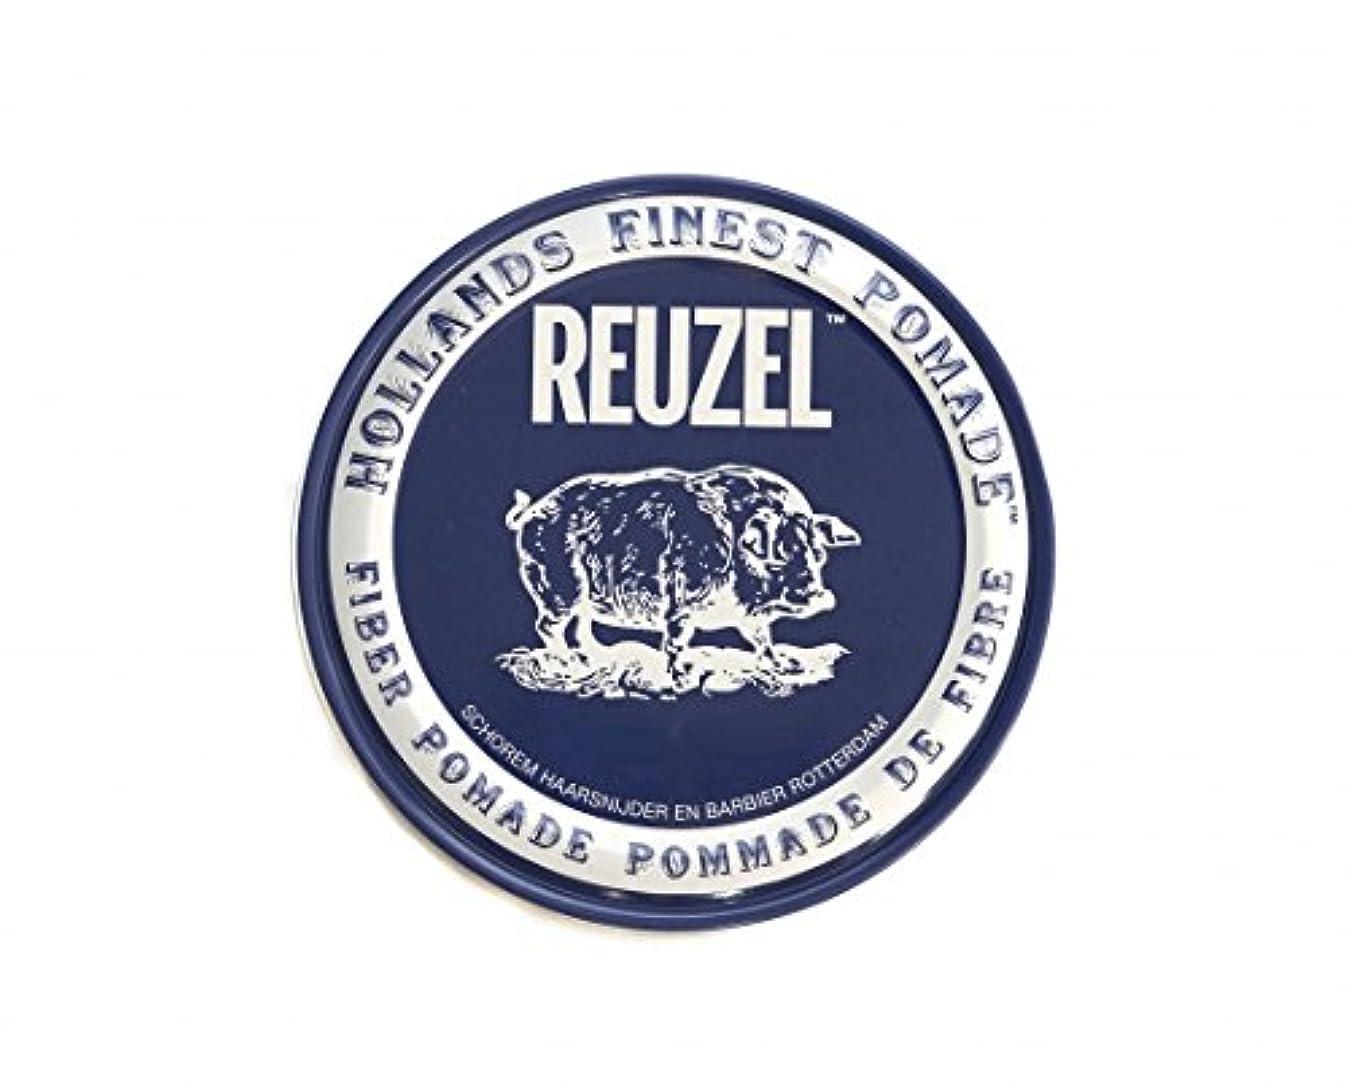 専門増幅器絶滅させるルーゾー REUZEL ファイバーポマード ネイビー 113g